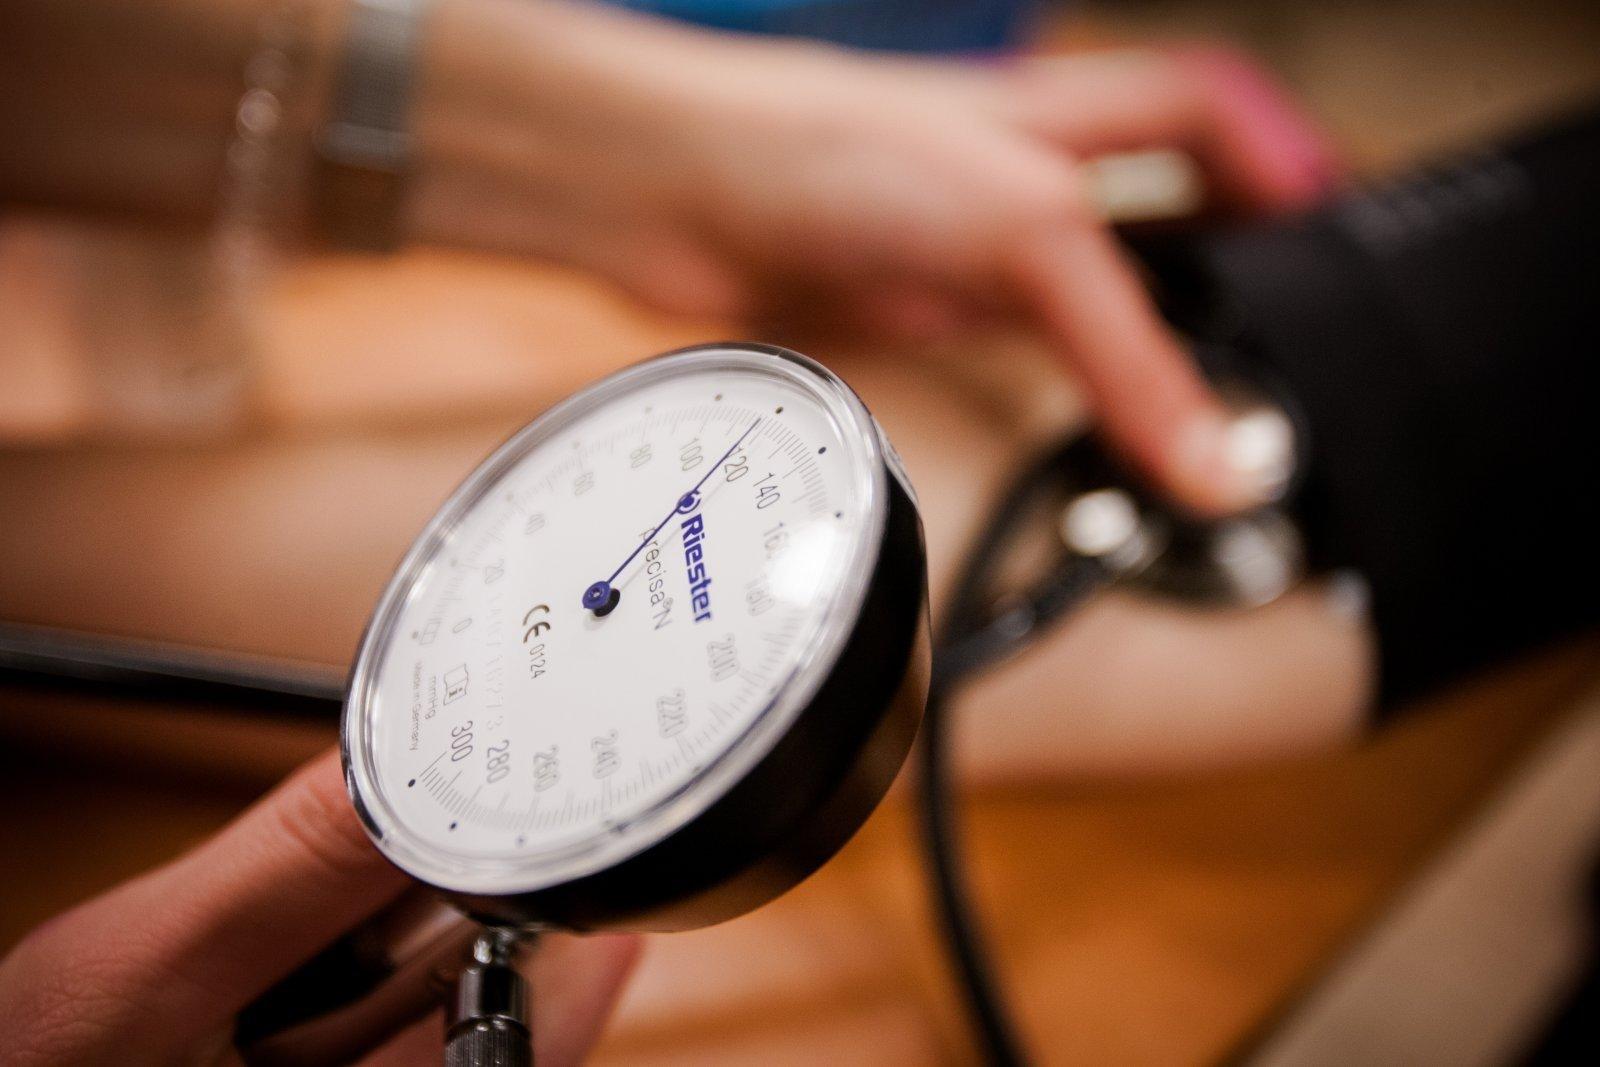 hipertenzijos paūmėjimo požymiai ar galima imtis radono voniu su hipertenzija